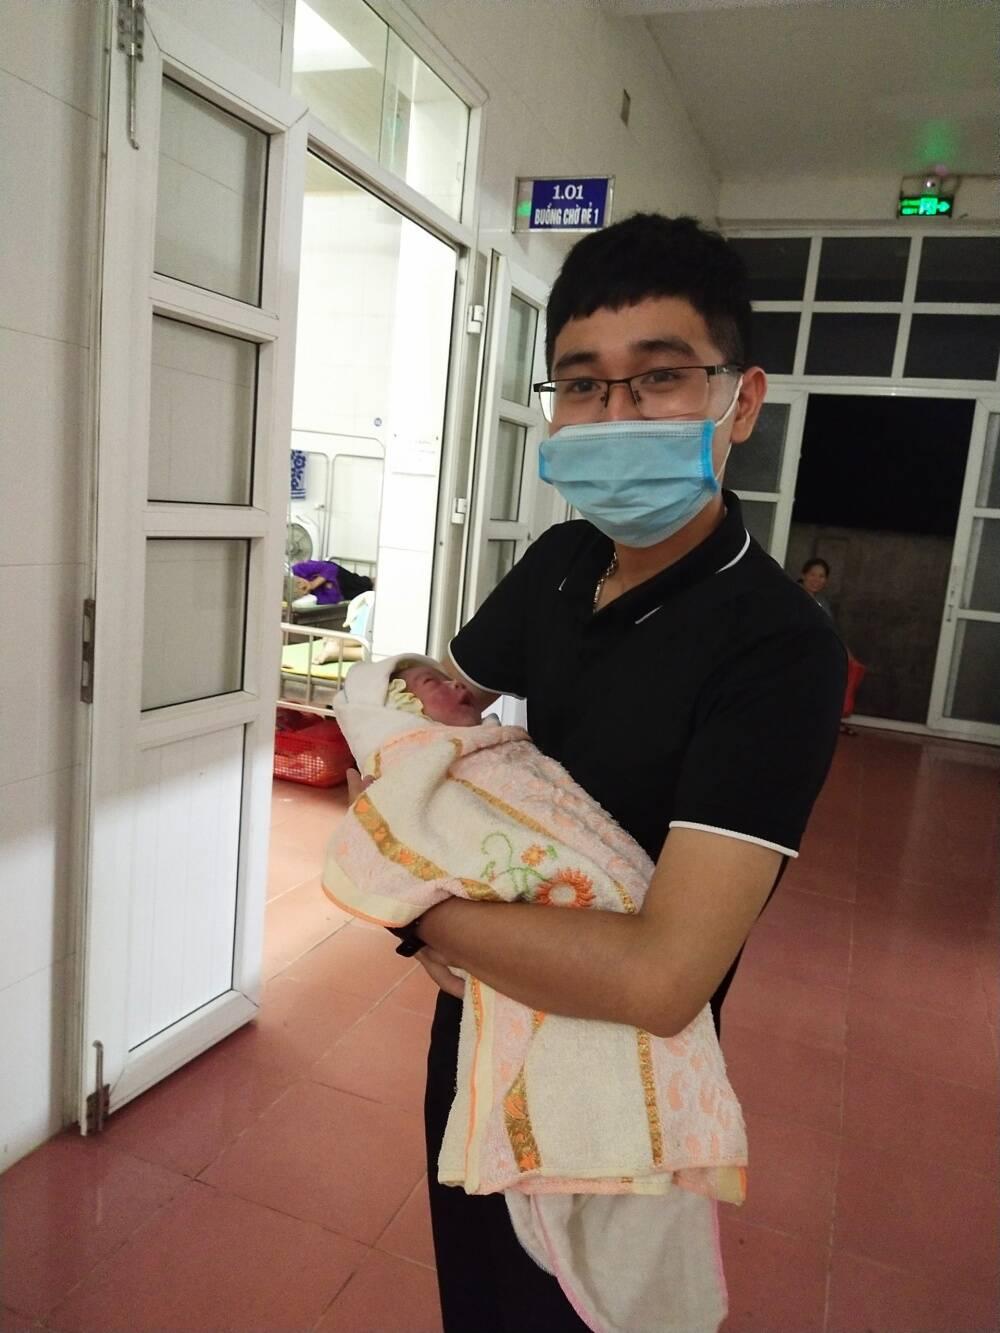 Hành trình nhặt hơn 40 nghìn xác thai nhi và những đêm xót xa không ngủ của chàng sinh viên thiện nguyện - Ảnh 15